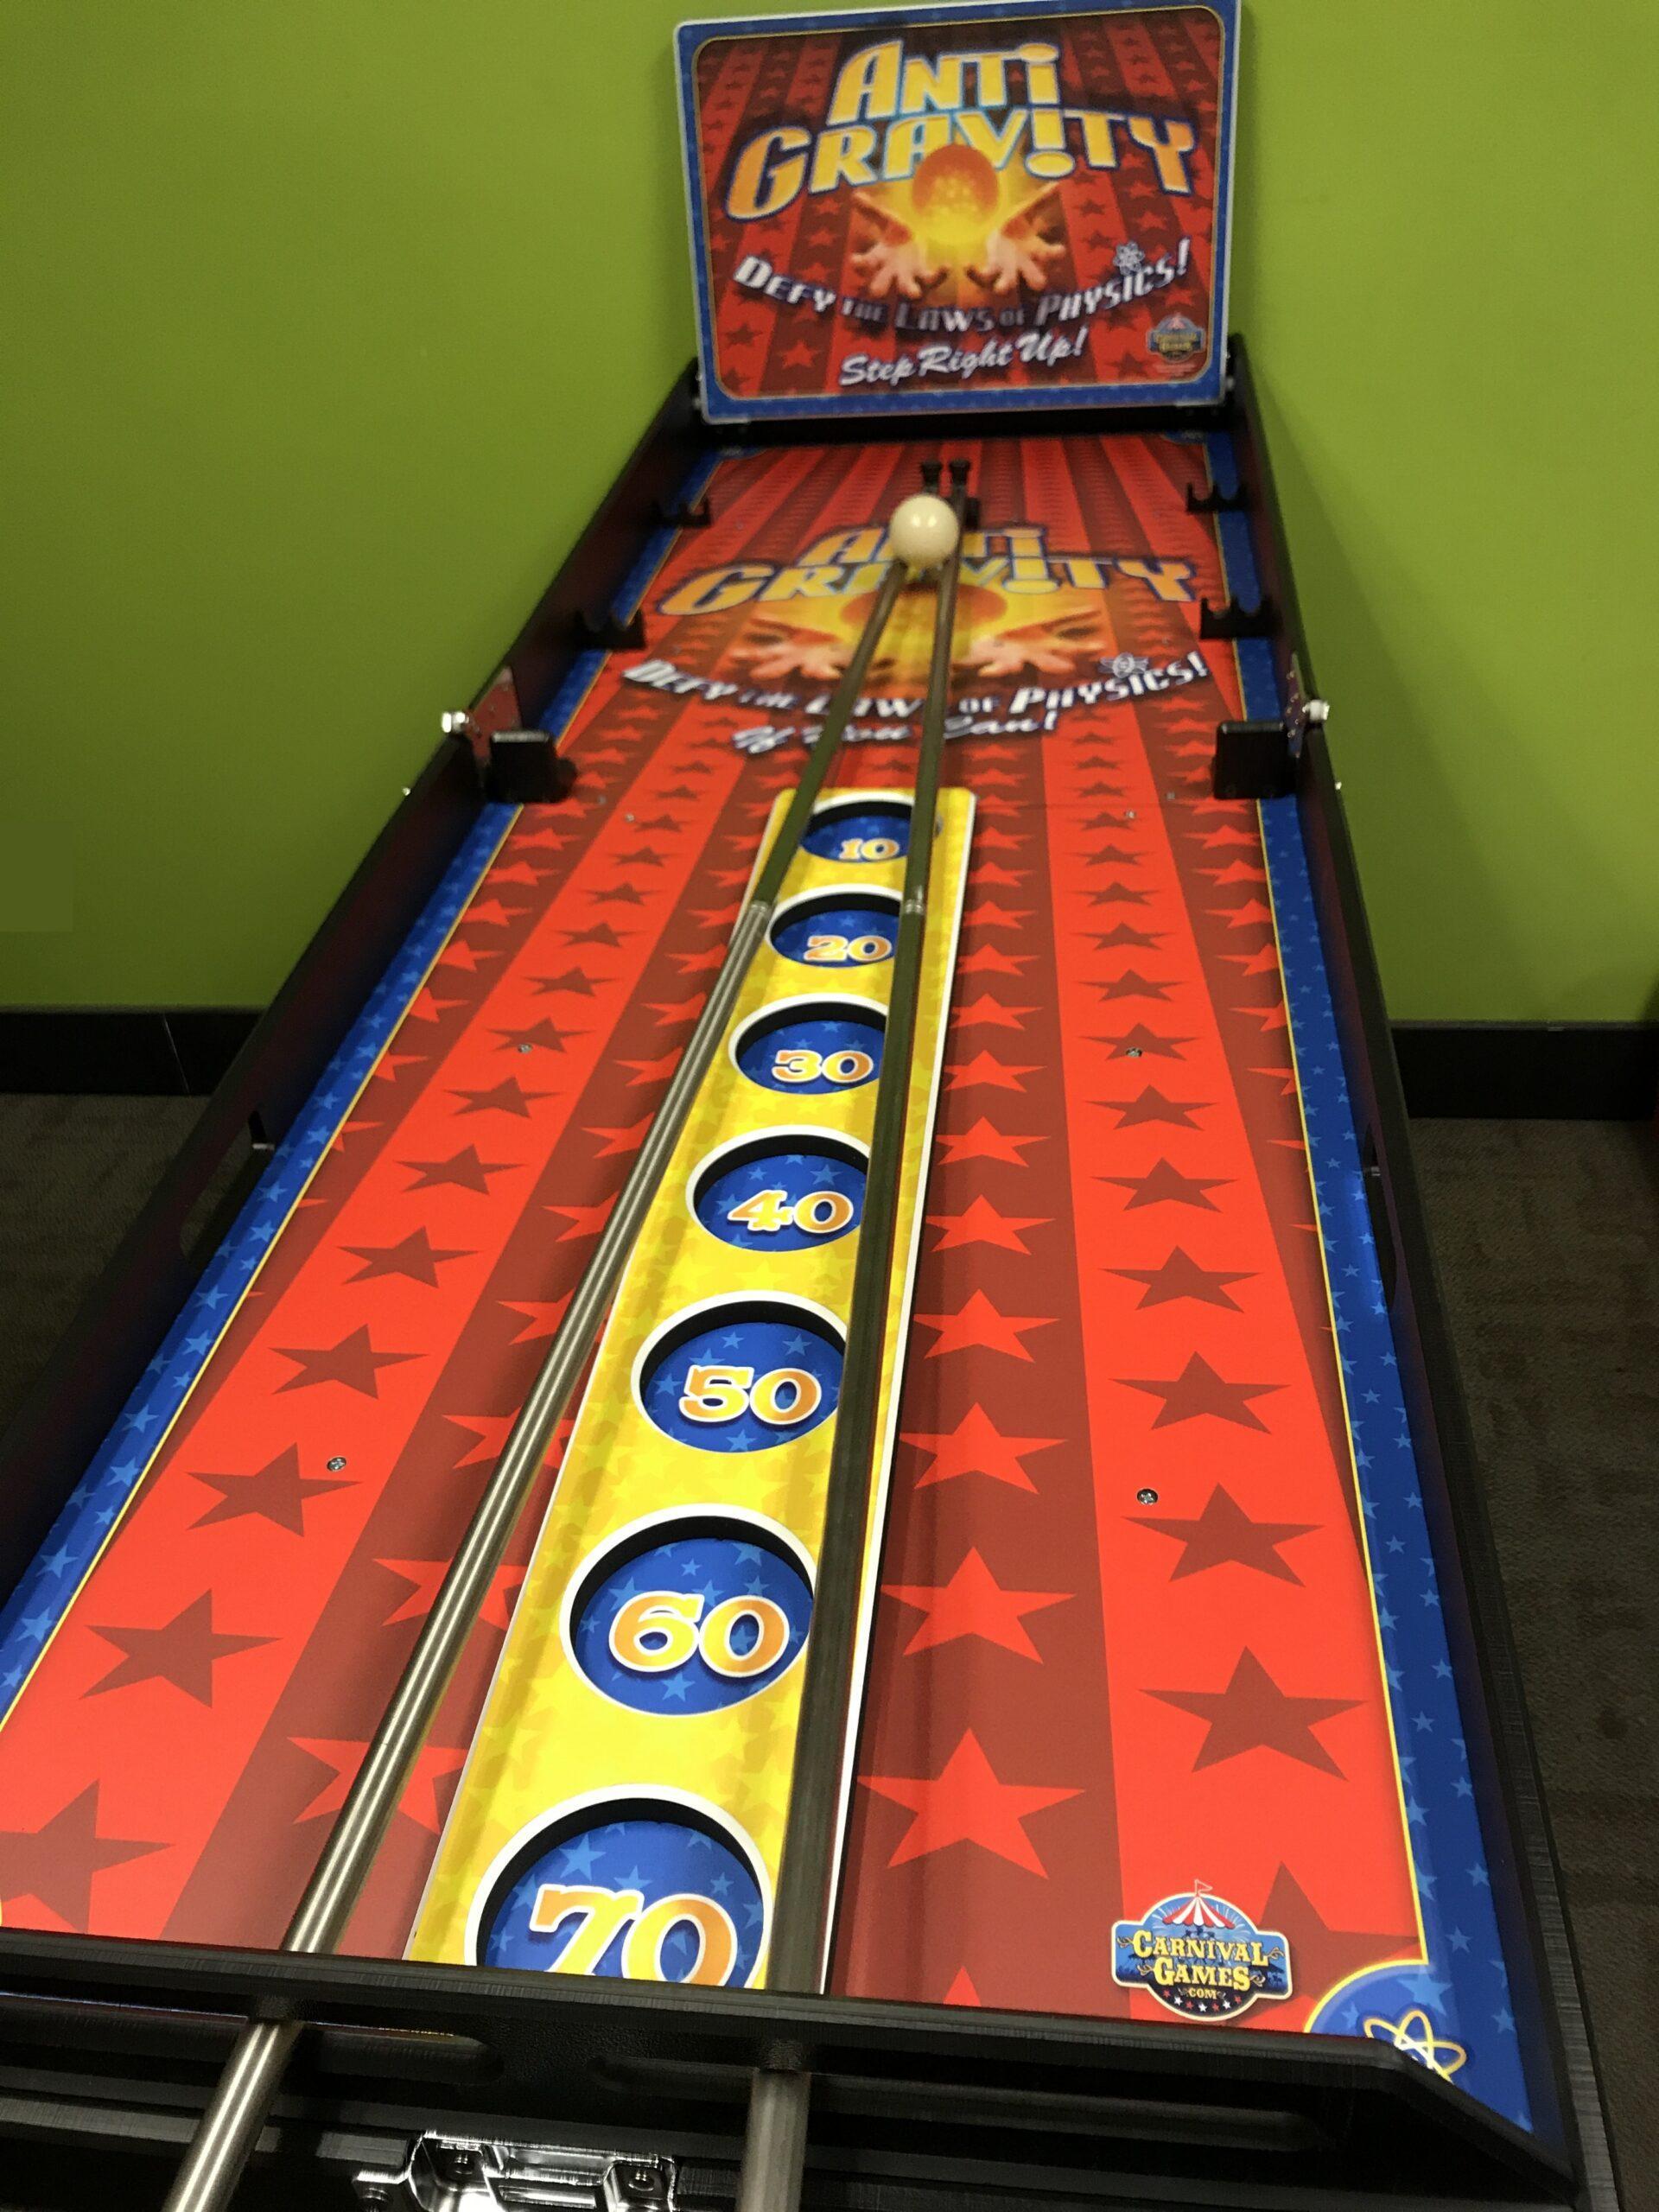 Hit it rich casino online